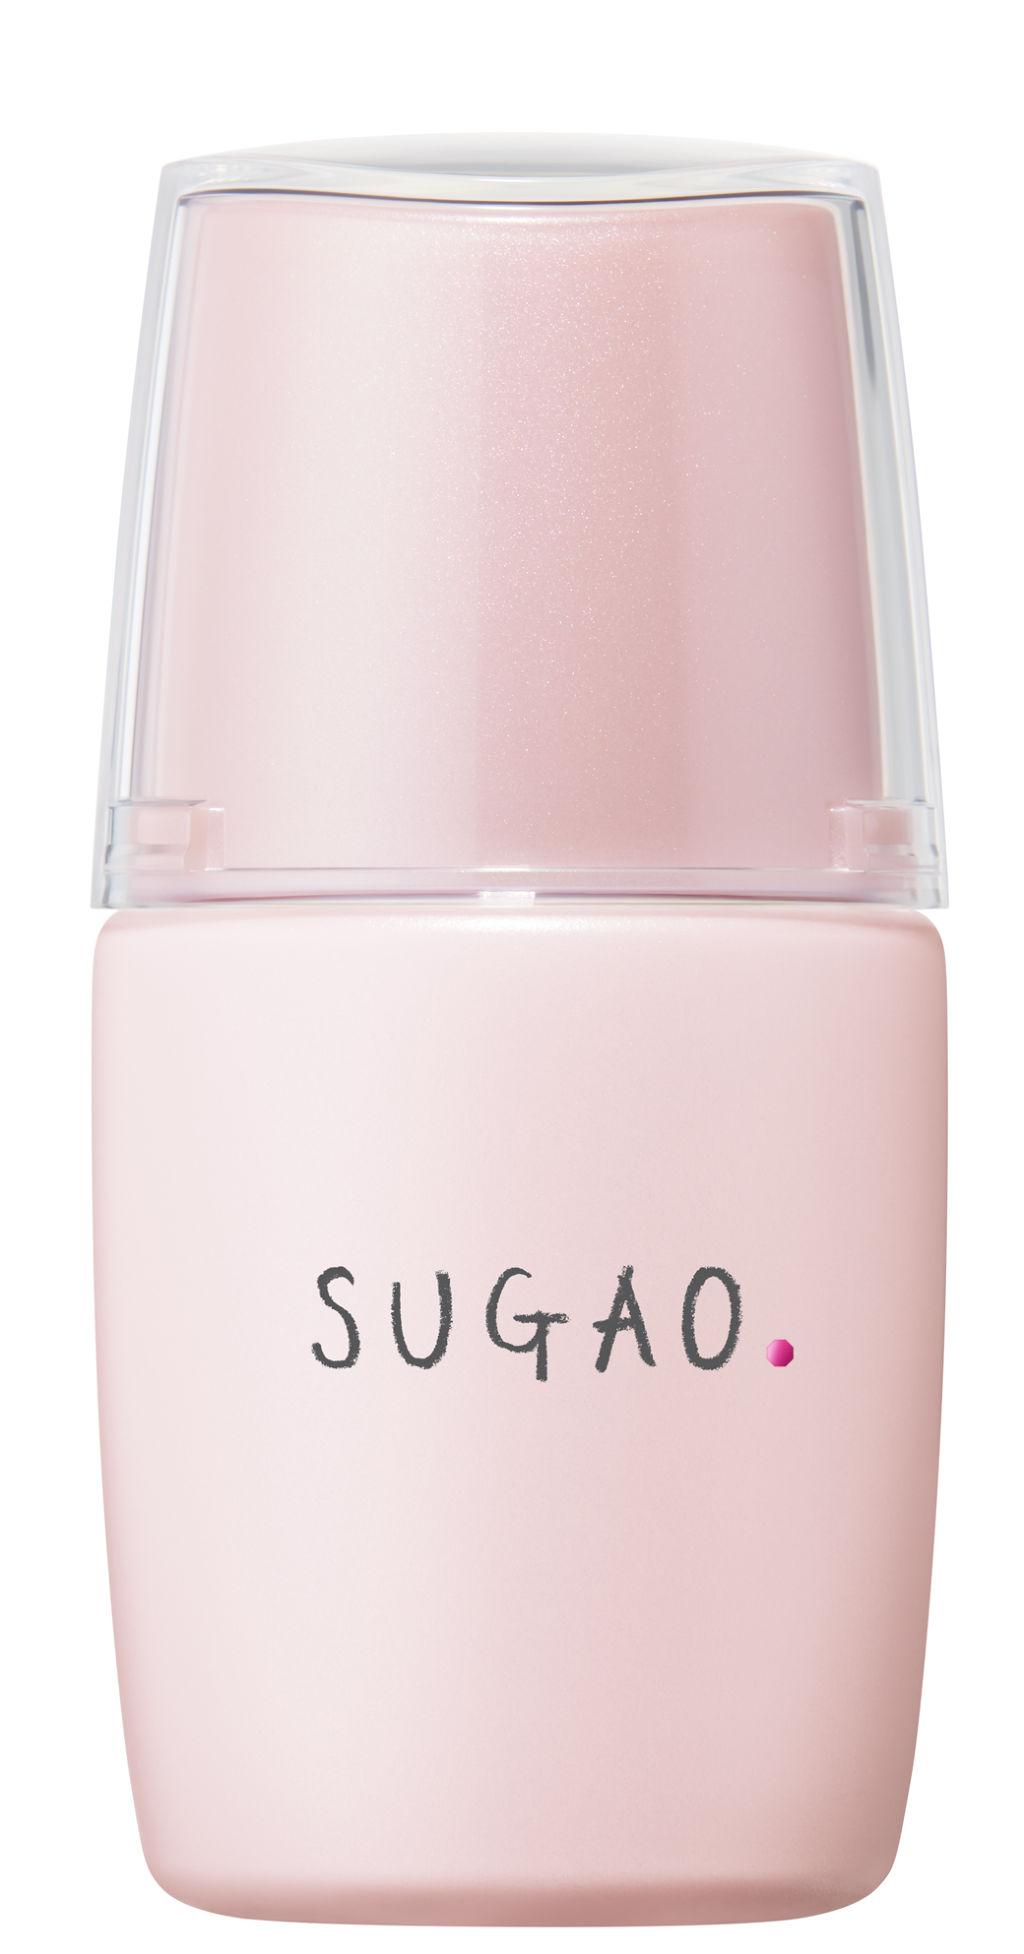 シルク感カラーベース ピンク